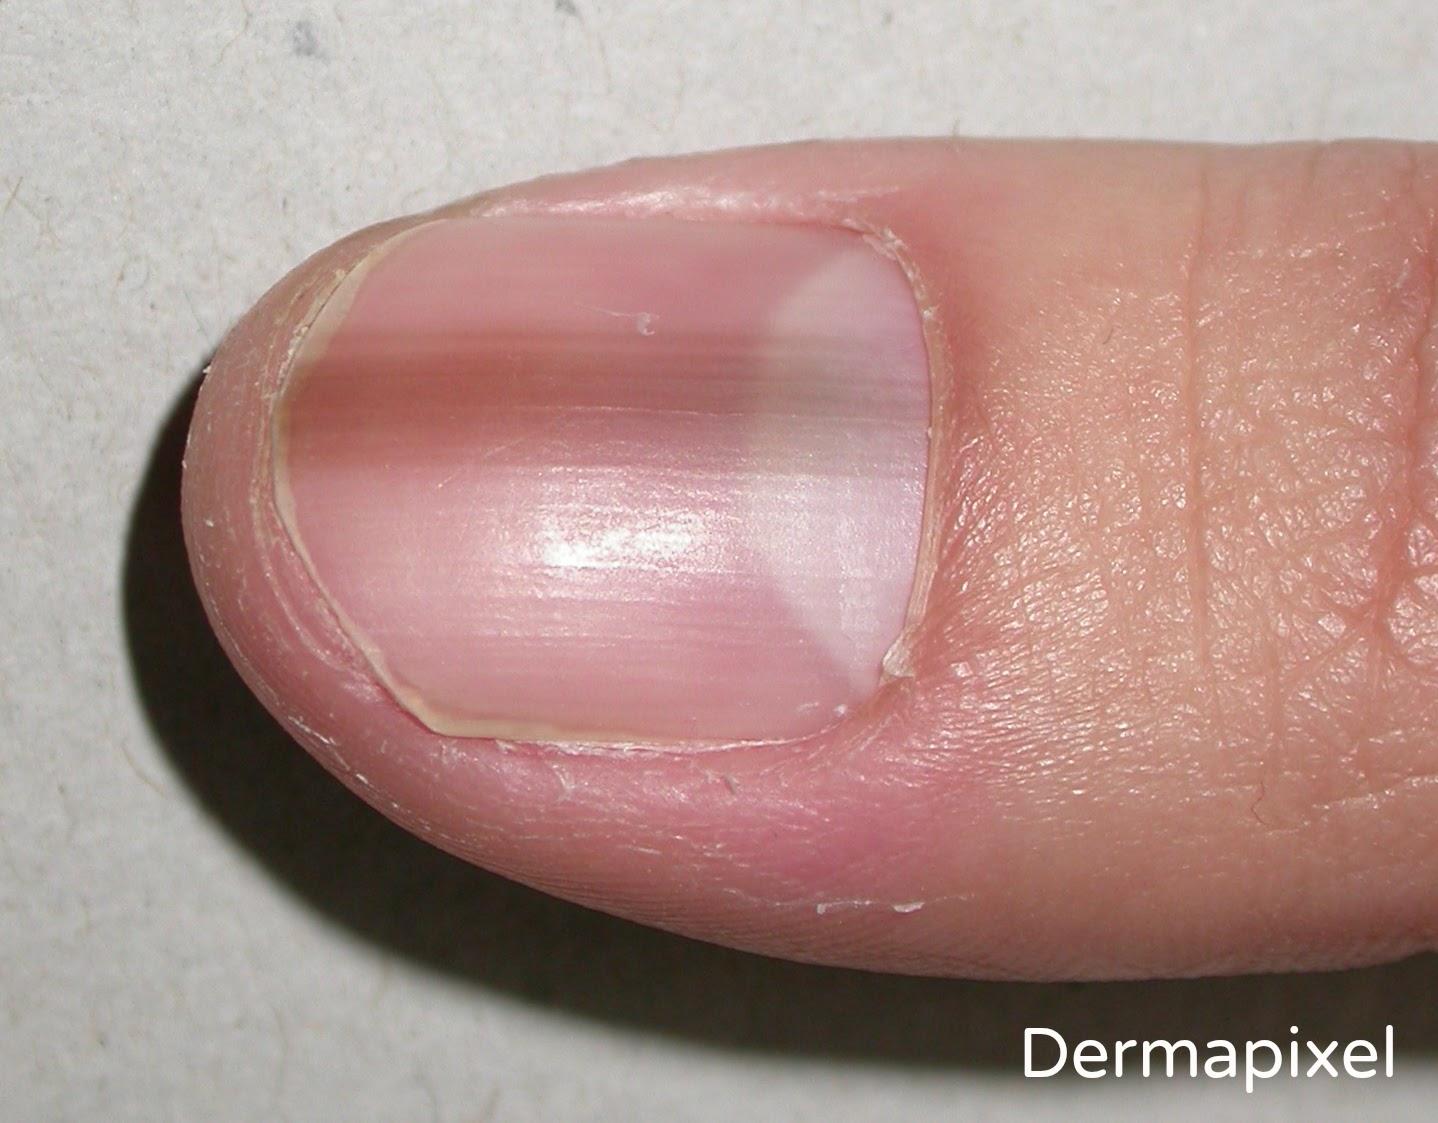 Boom - 10 peores casos de dedo del pie del camello de la